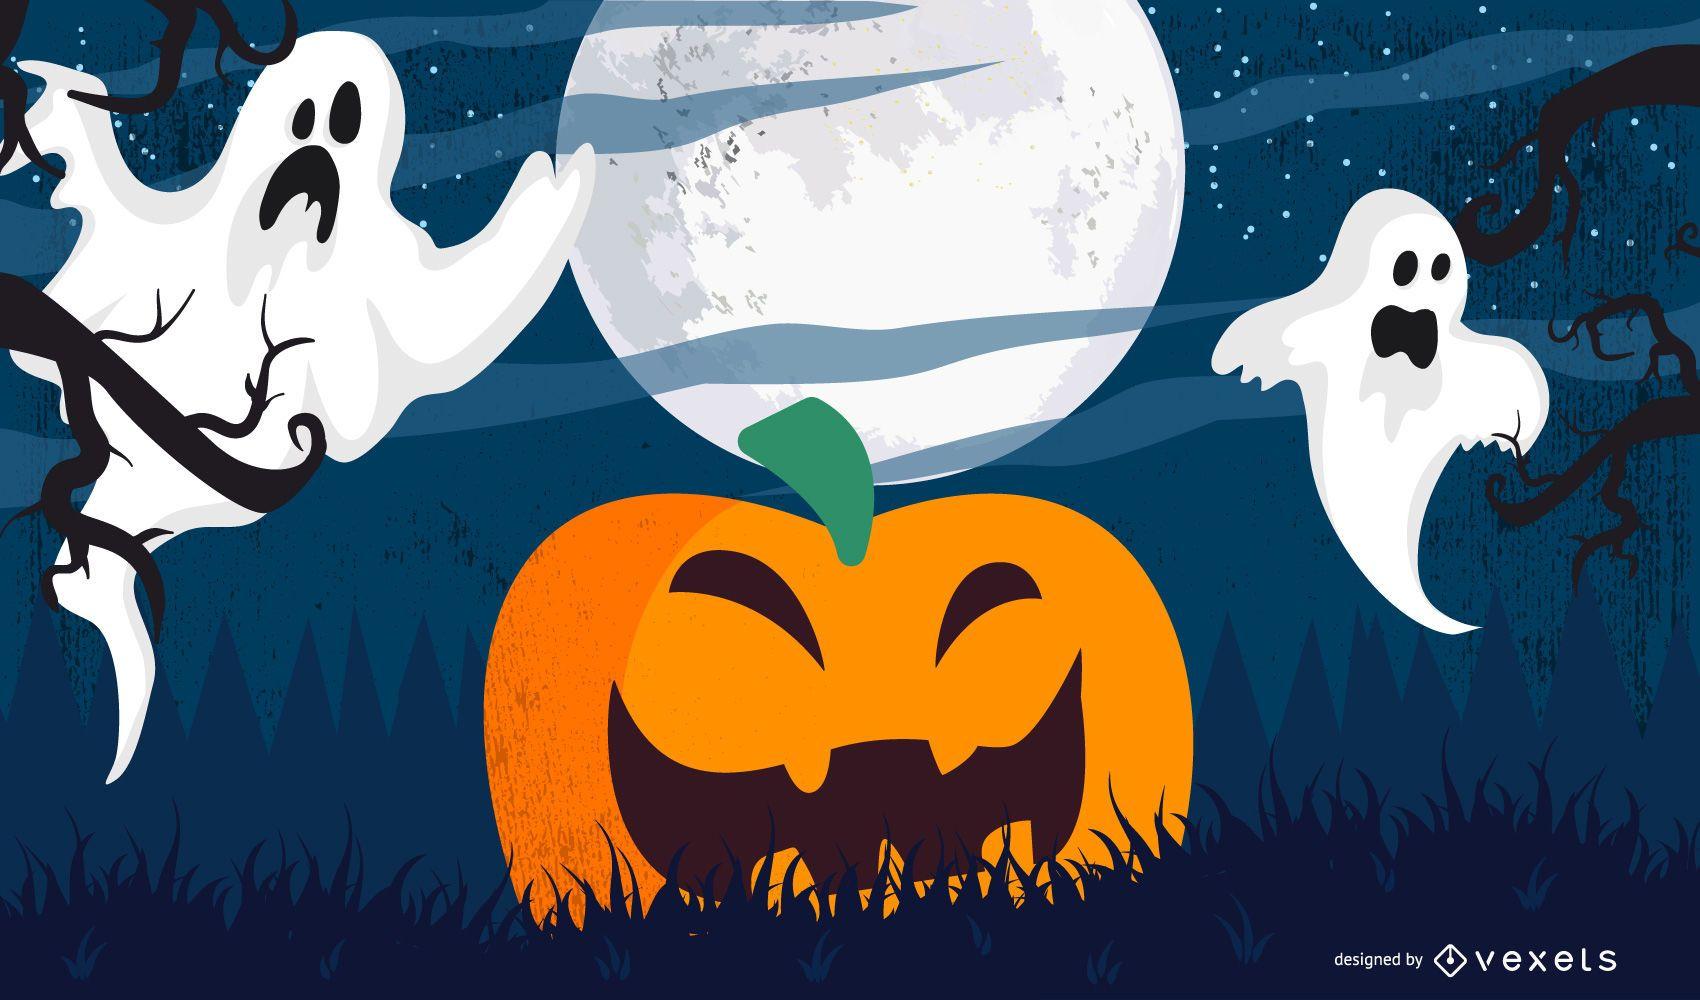 Halloween Pumpkin with Moonlight Sky